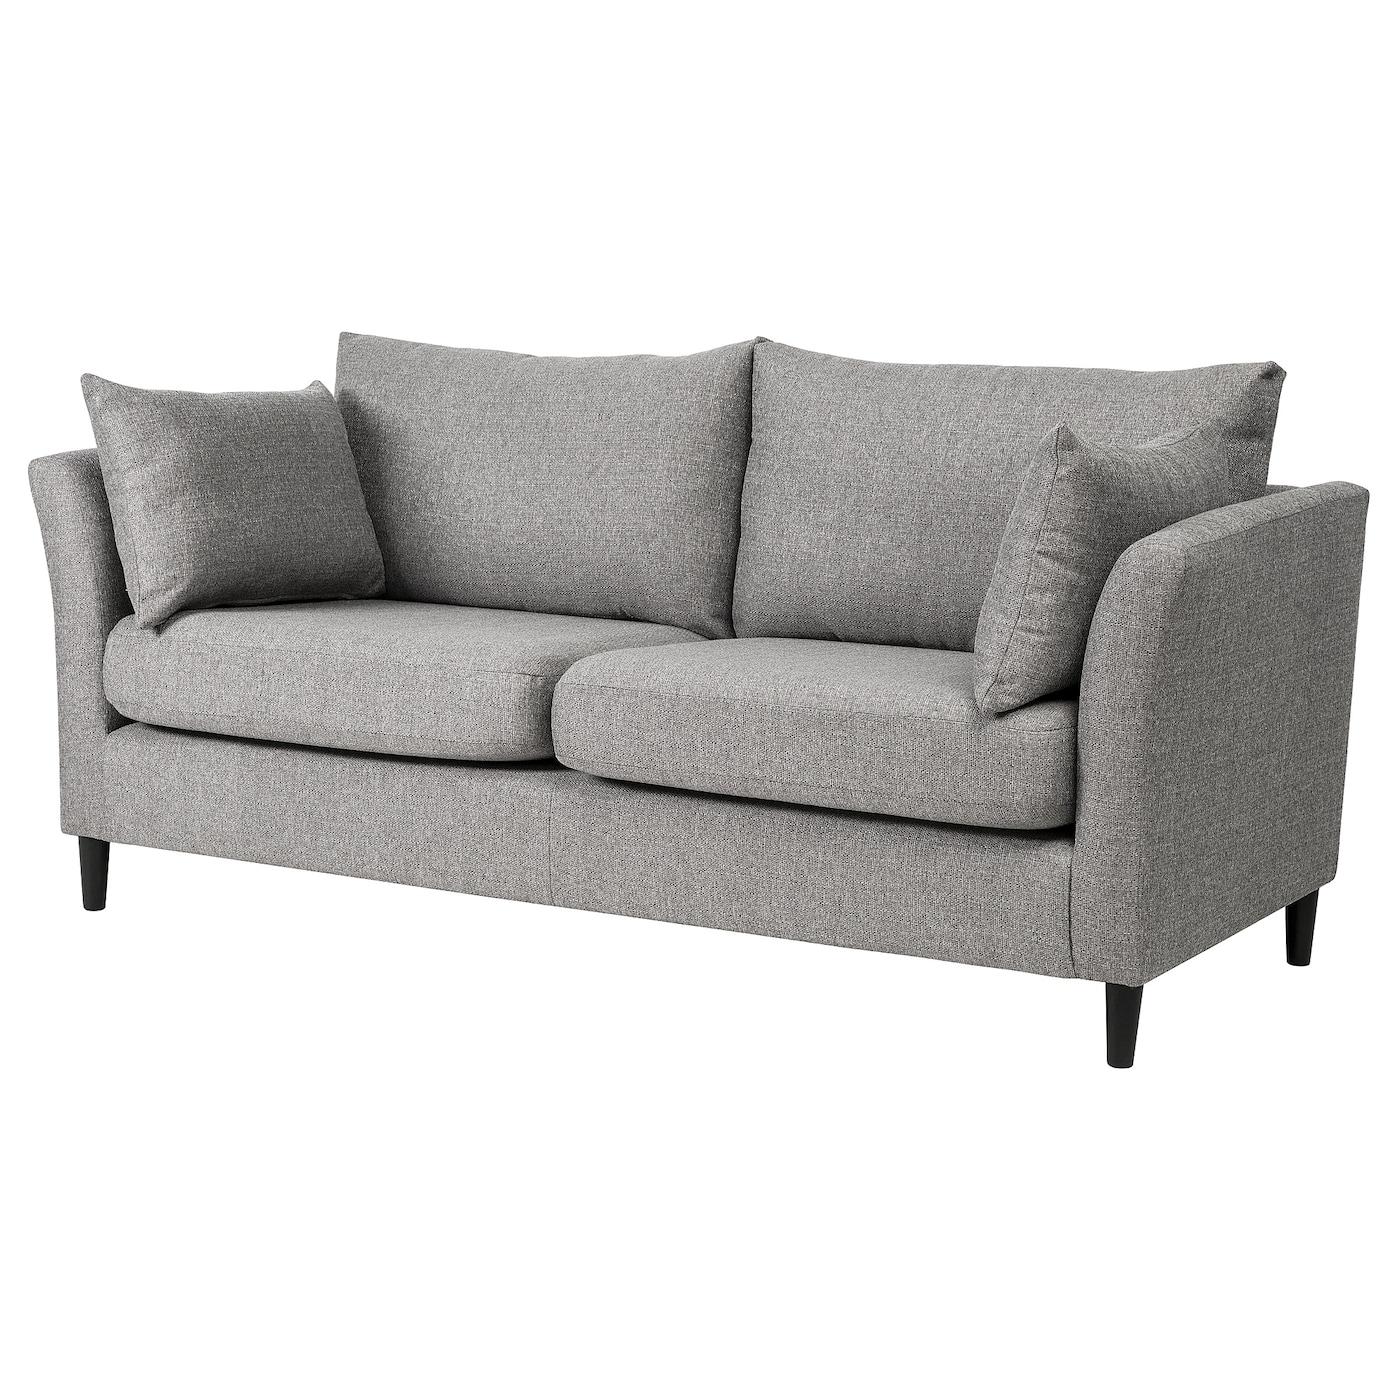 Ikea Small Bedroom Design 3 Seater Sofa Ikea